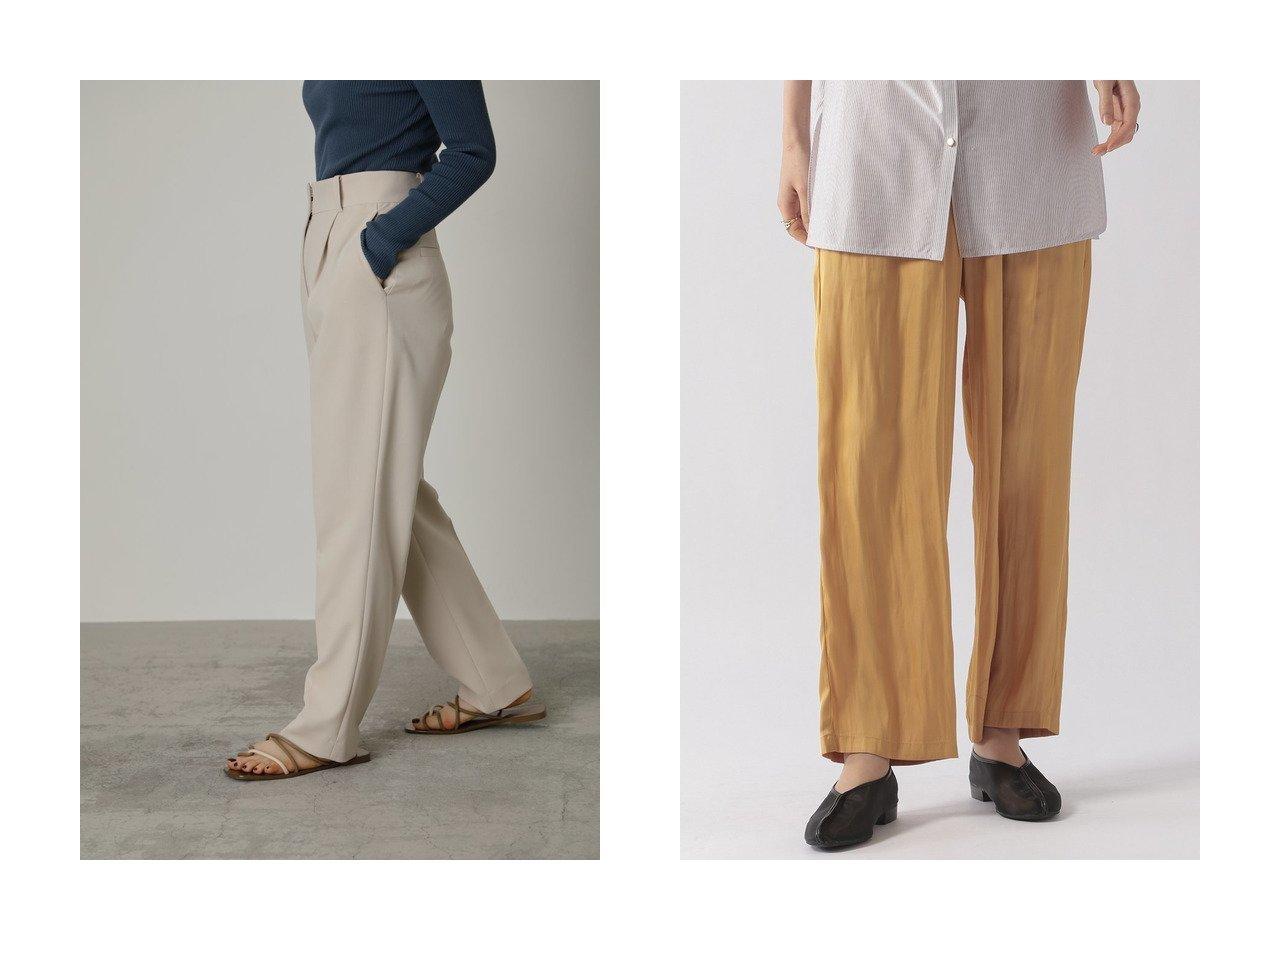 【Ezick/エジック】のカッセンサテンパンツ&【RIM.ARK/リムアーク】のパンツ 【パンツ】おすすめ!人気、トレンド・レディースファッションの通販 おすすめで人気の流行・トレンド、ファッションの通販商品 メンズファッション・キッズファッション・インテリア・家具・レディースファッション・服の通販 founy(ファニー) https://founy.com/ ファッション Fashion レディースファッション WOMEN パンツ Pants キュプラ お家時間・ステイホーム Home Time/Stay Home サテン リラックス ワイド  ID:crp329100000032318